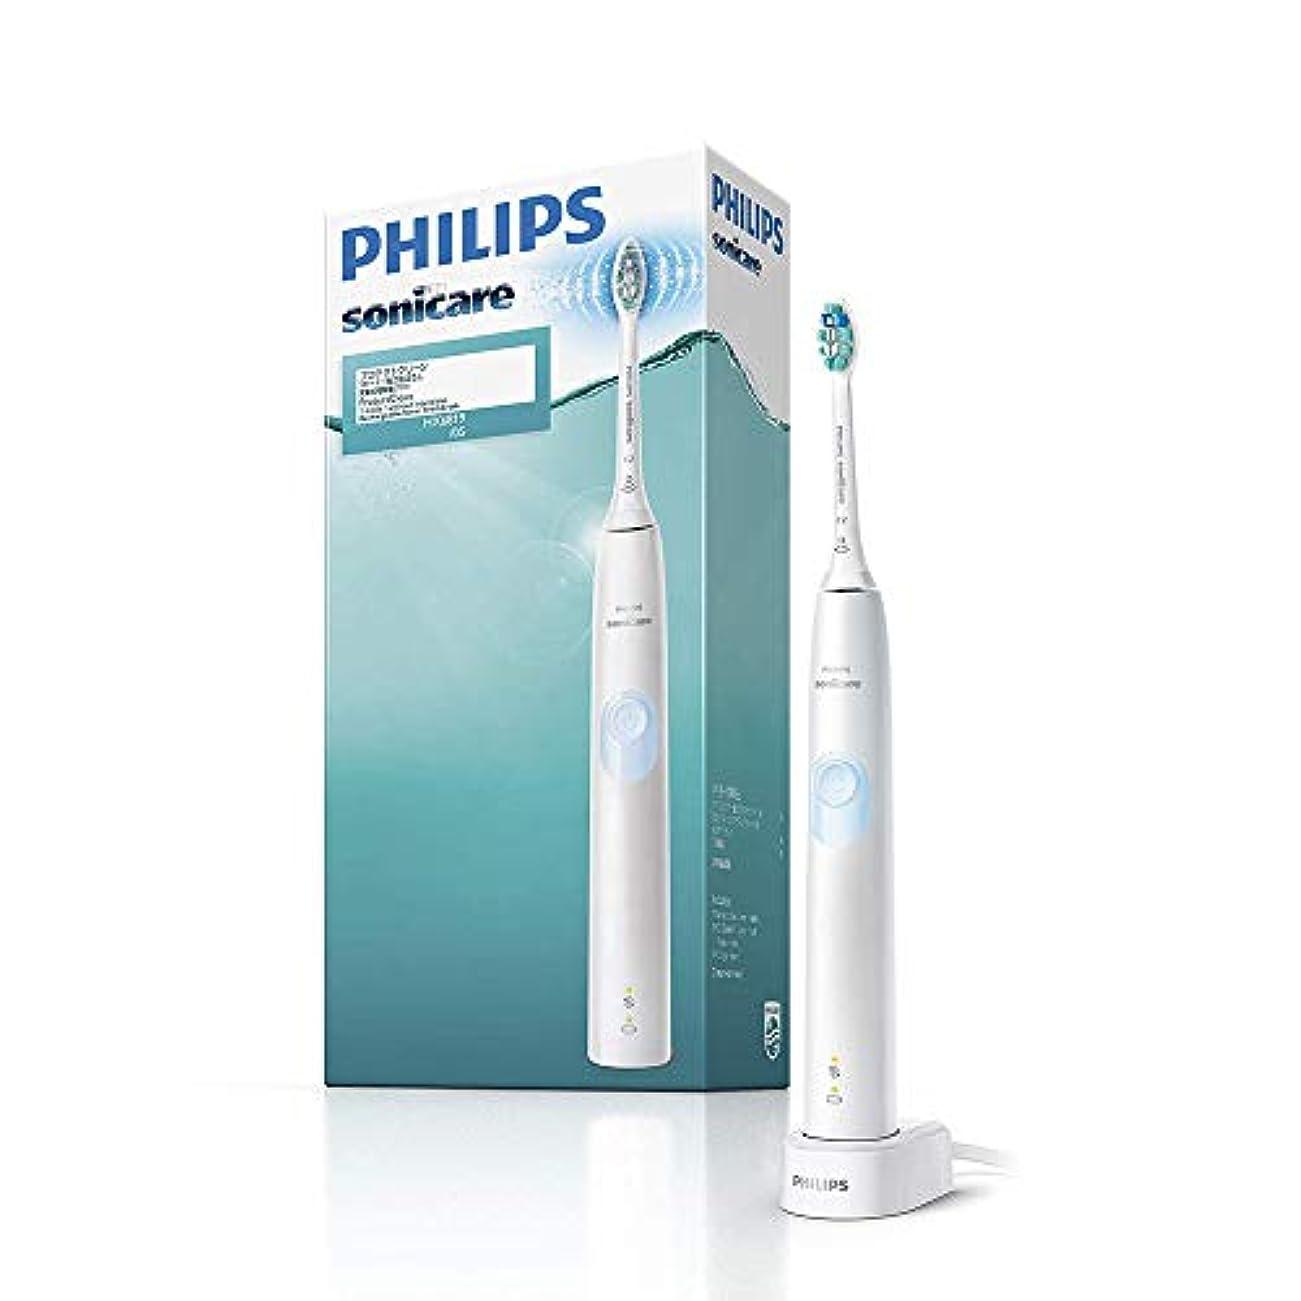 損なう破裂馬鹿げた【Amazon.co.jp限定】フィリップス ソニッケアー プロテクトクリーン ホワイトライトブルー 電動歯ブラシ 強さ設定なし HX6819/05